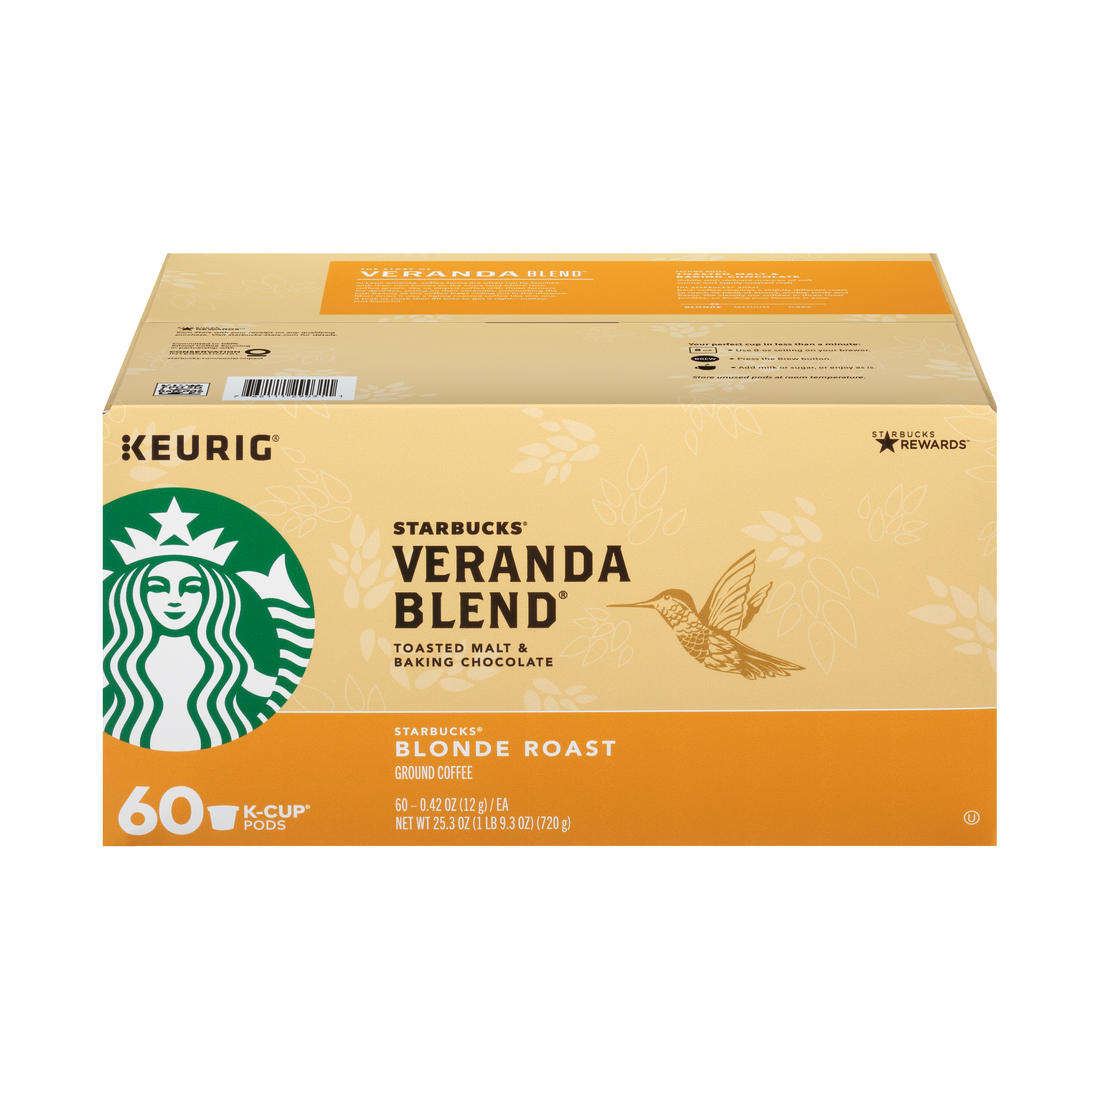 Starbucks Veranda Blend Blonde Roast K